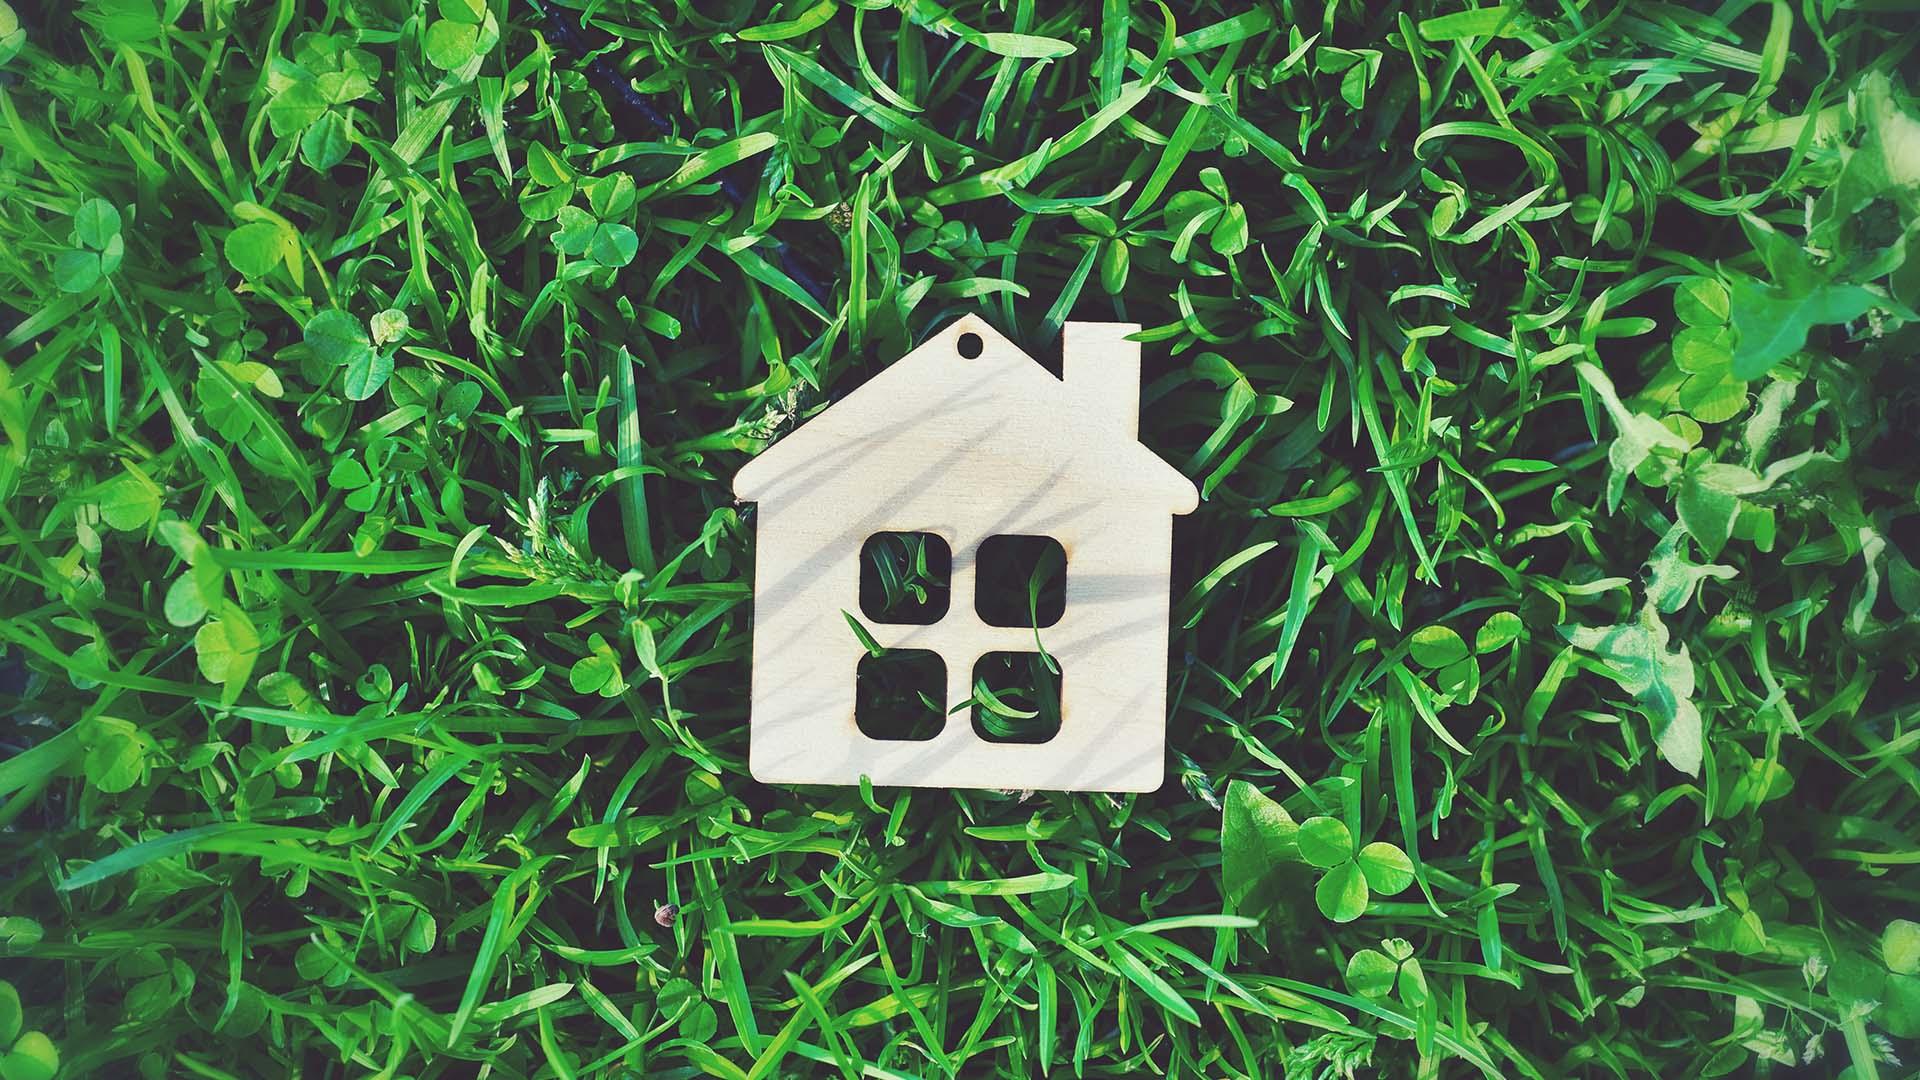 Quelques informations intéressantes sur la maison bioclimatique